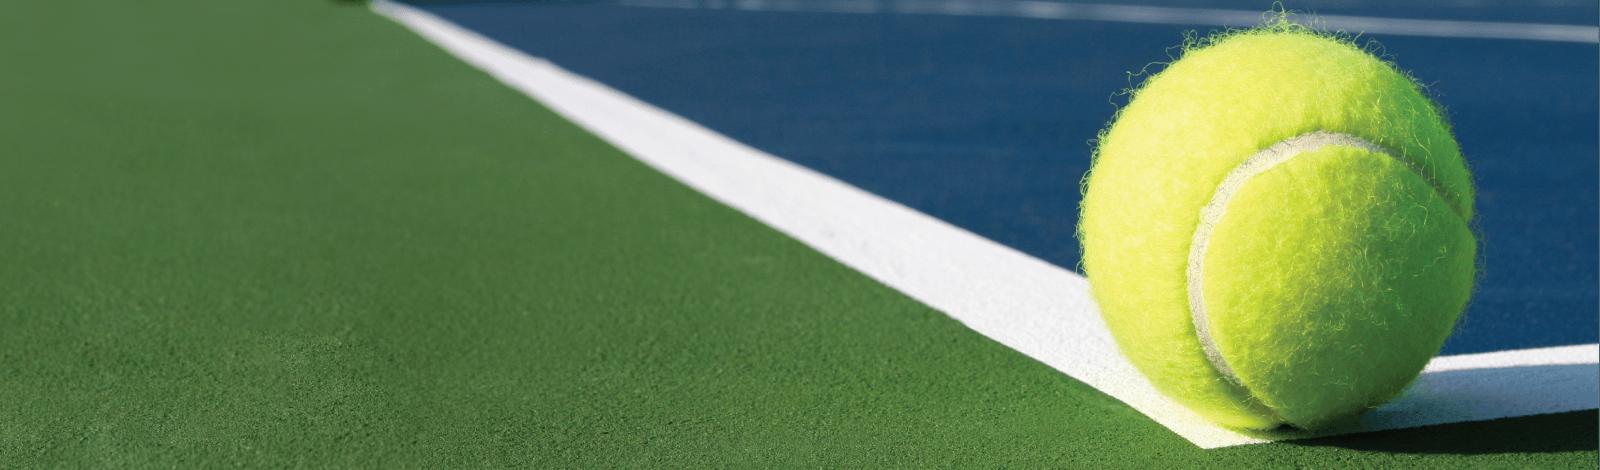 SportMaster tennis court